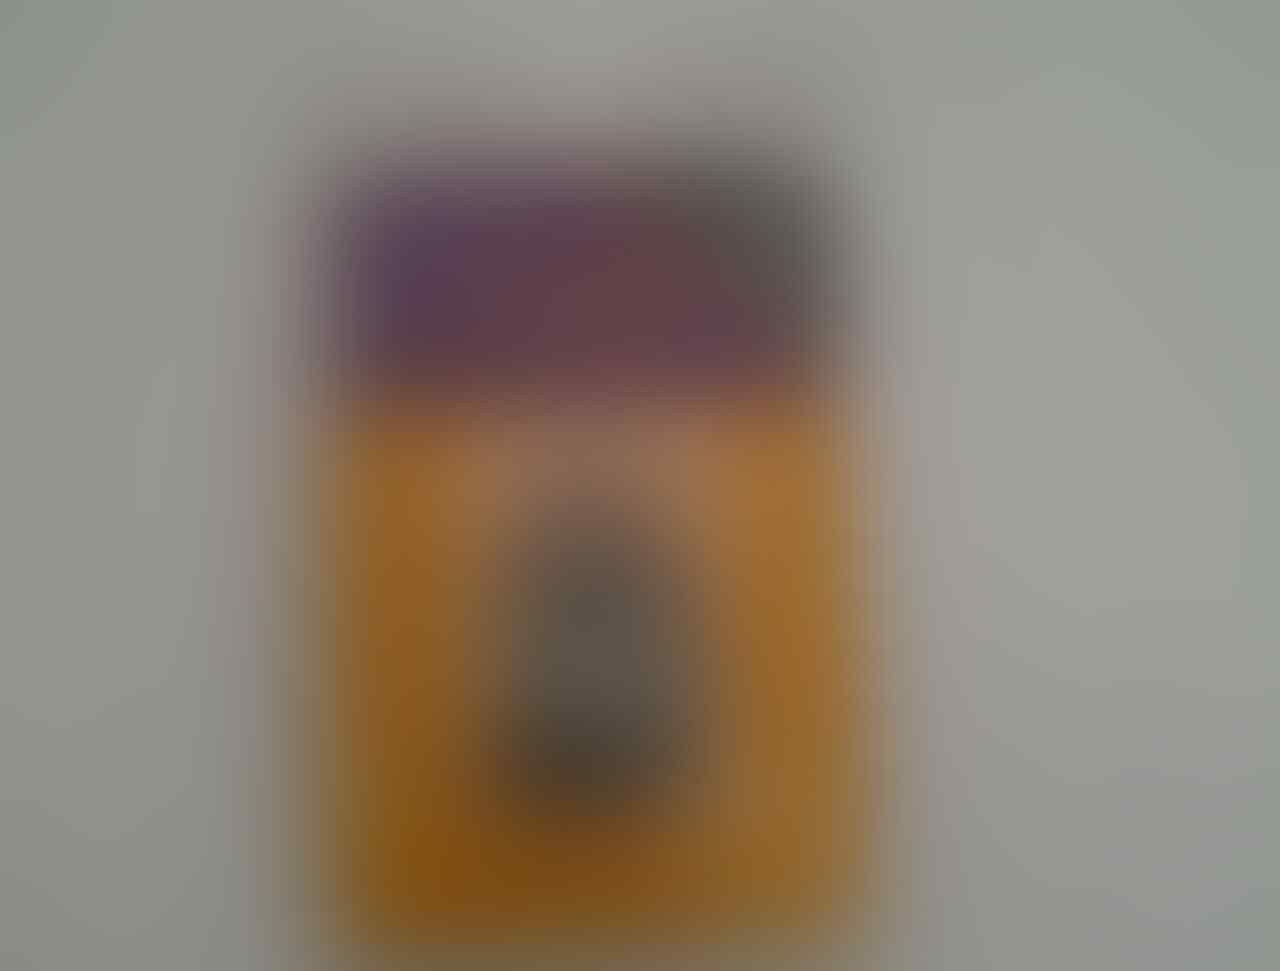 Micro SD card Vgen Class 10, POWERBANK Vgen, murah best seller !